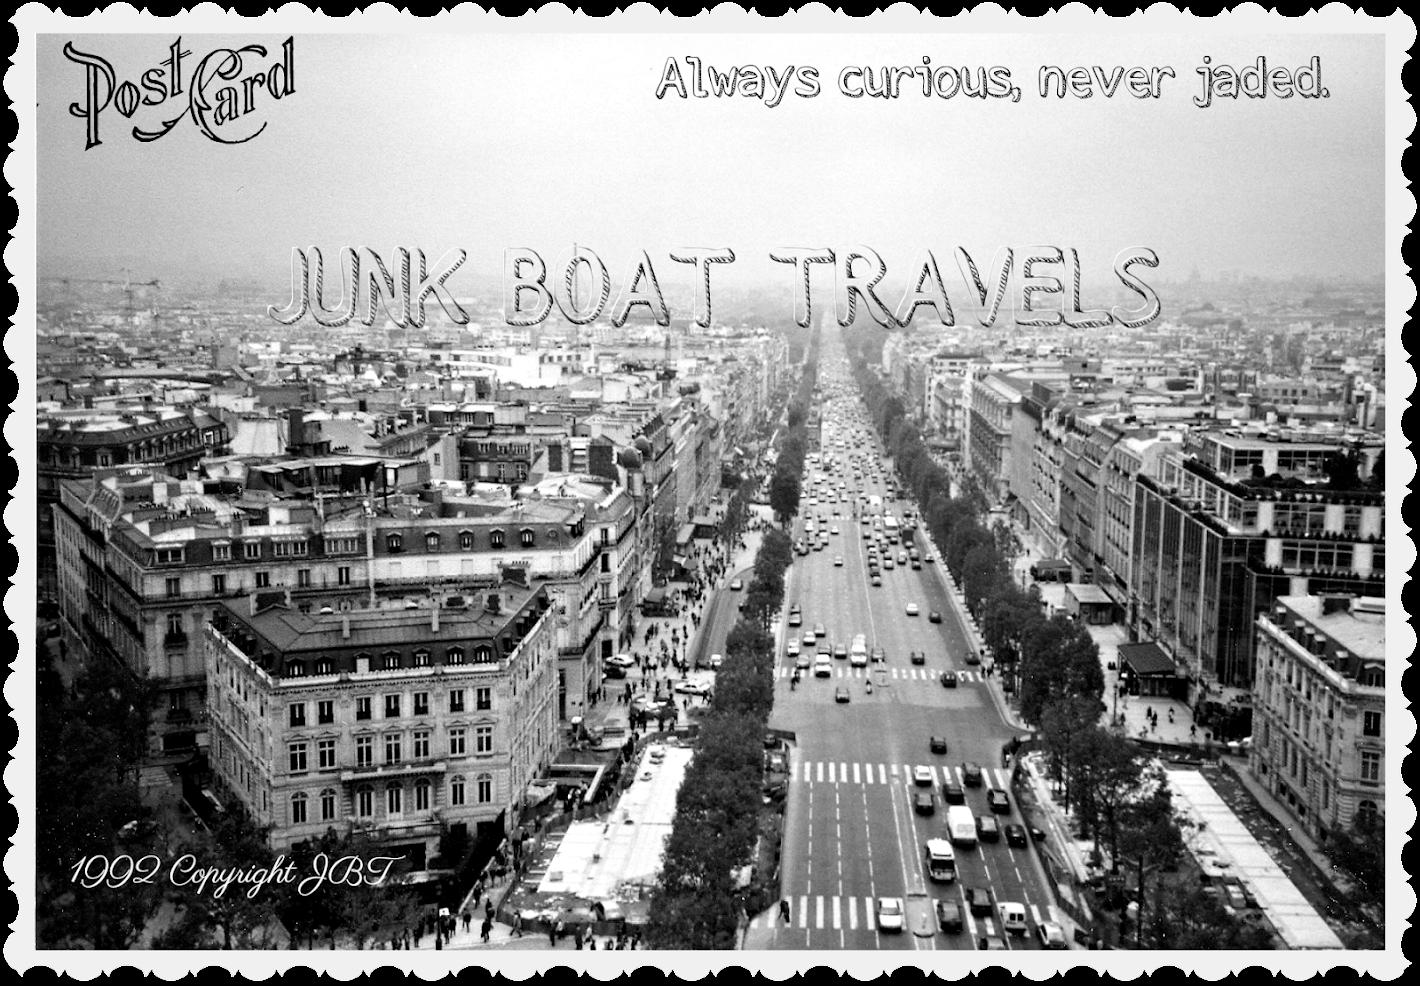 JUNK BOAT TRAVELS